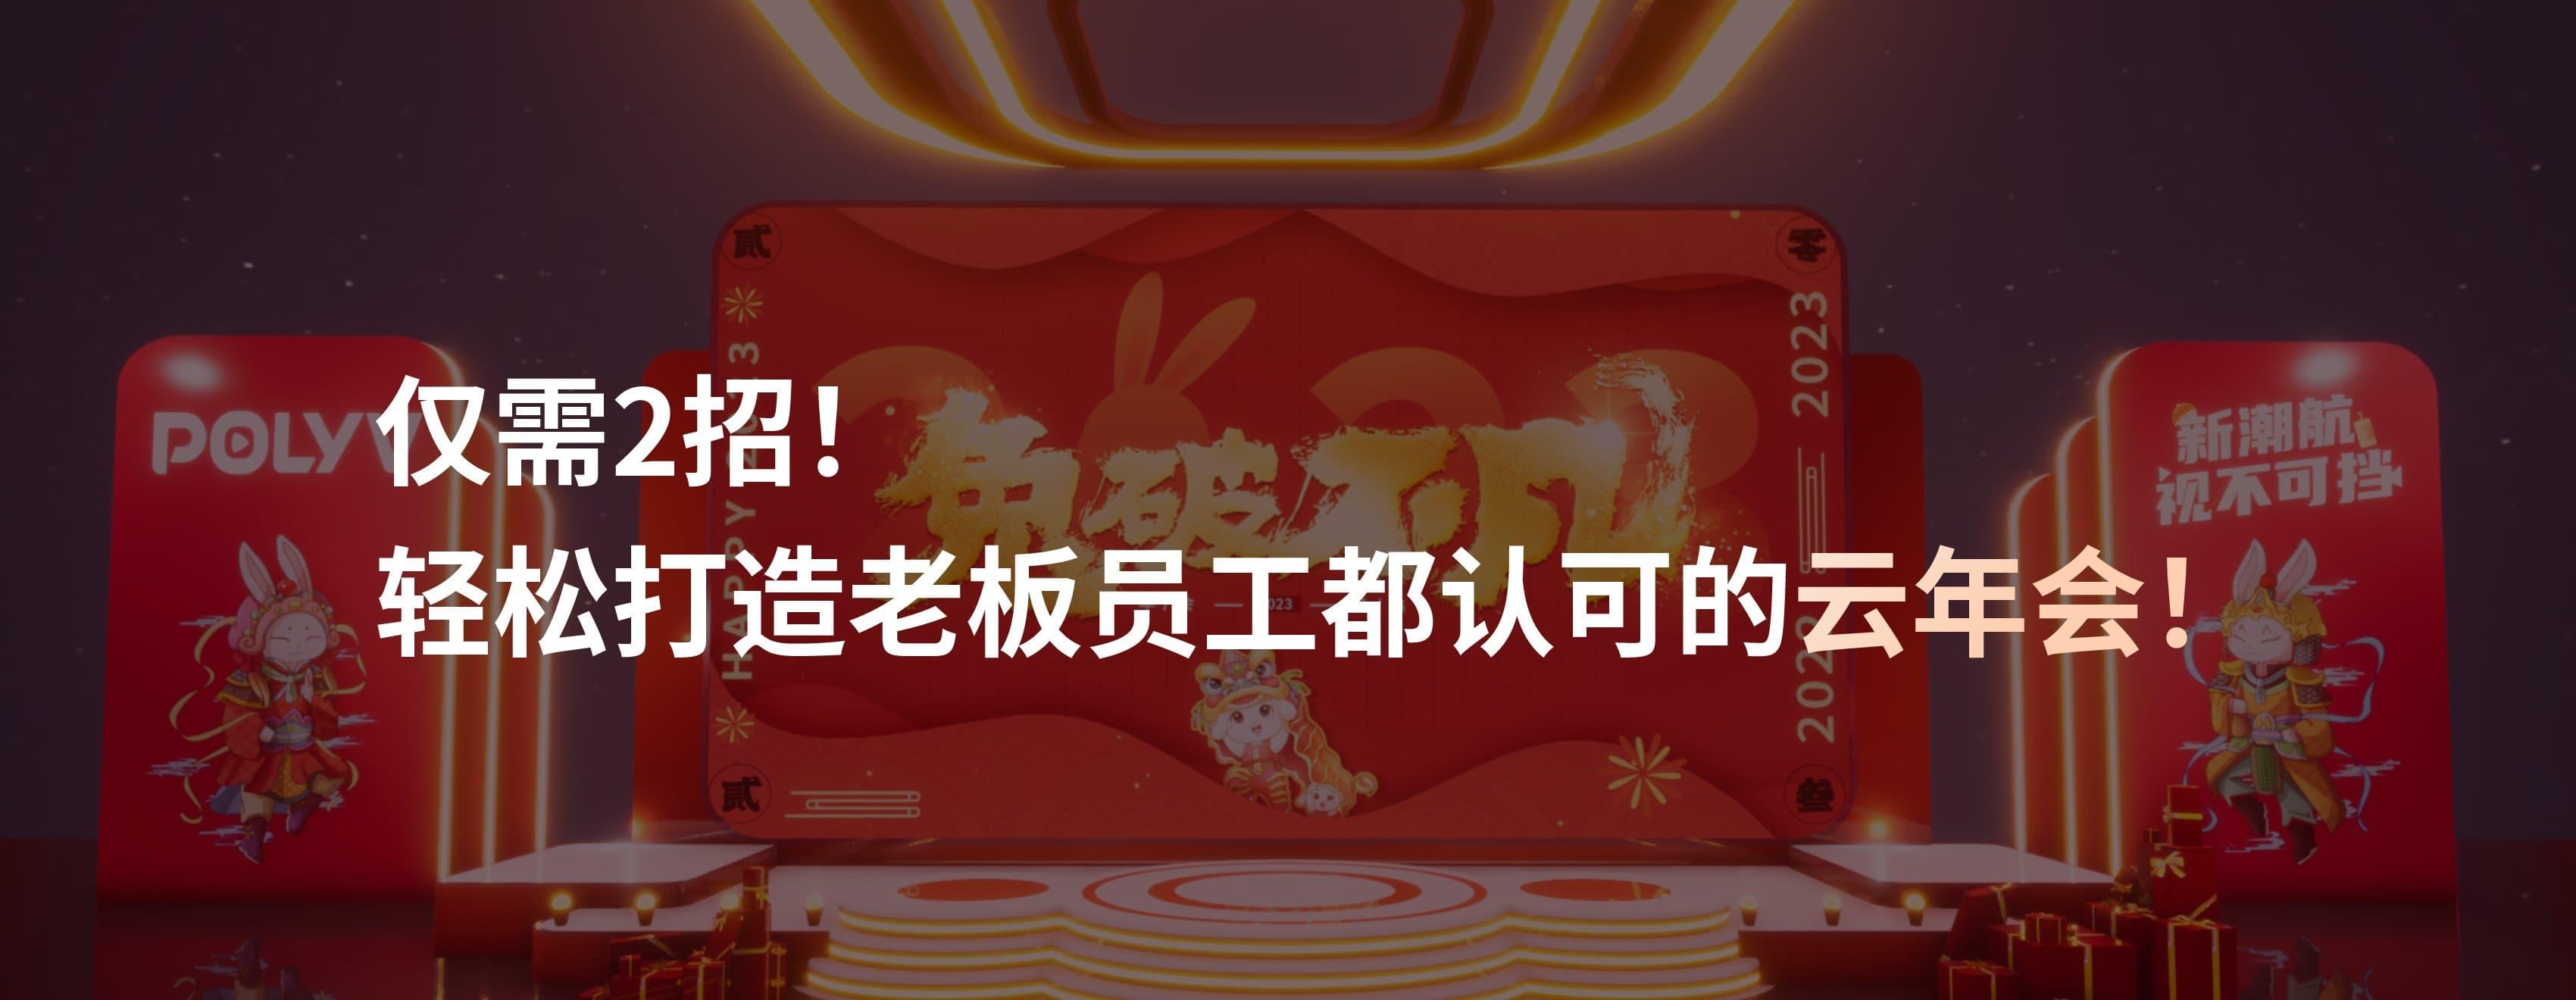 拥有央视级直播现场保障是什么体验?